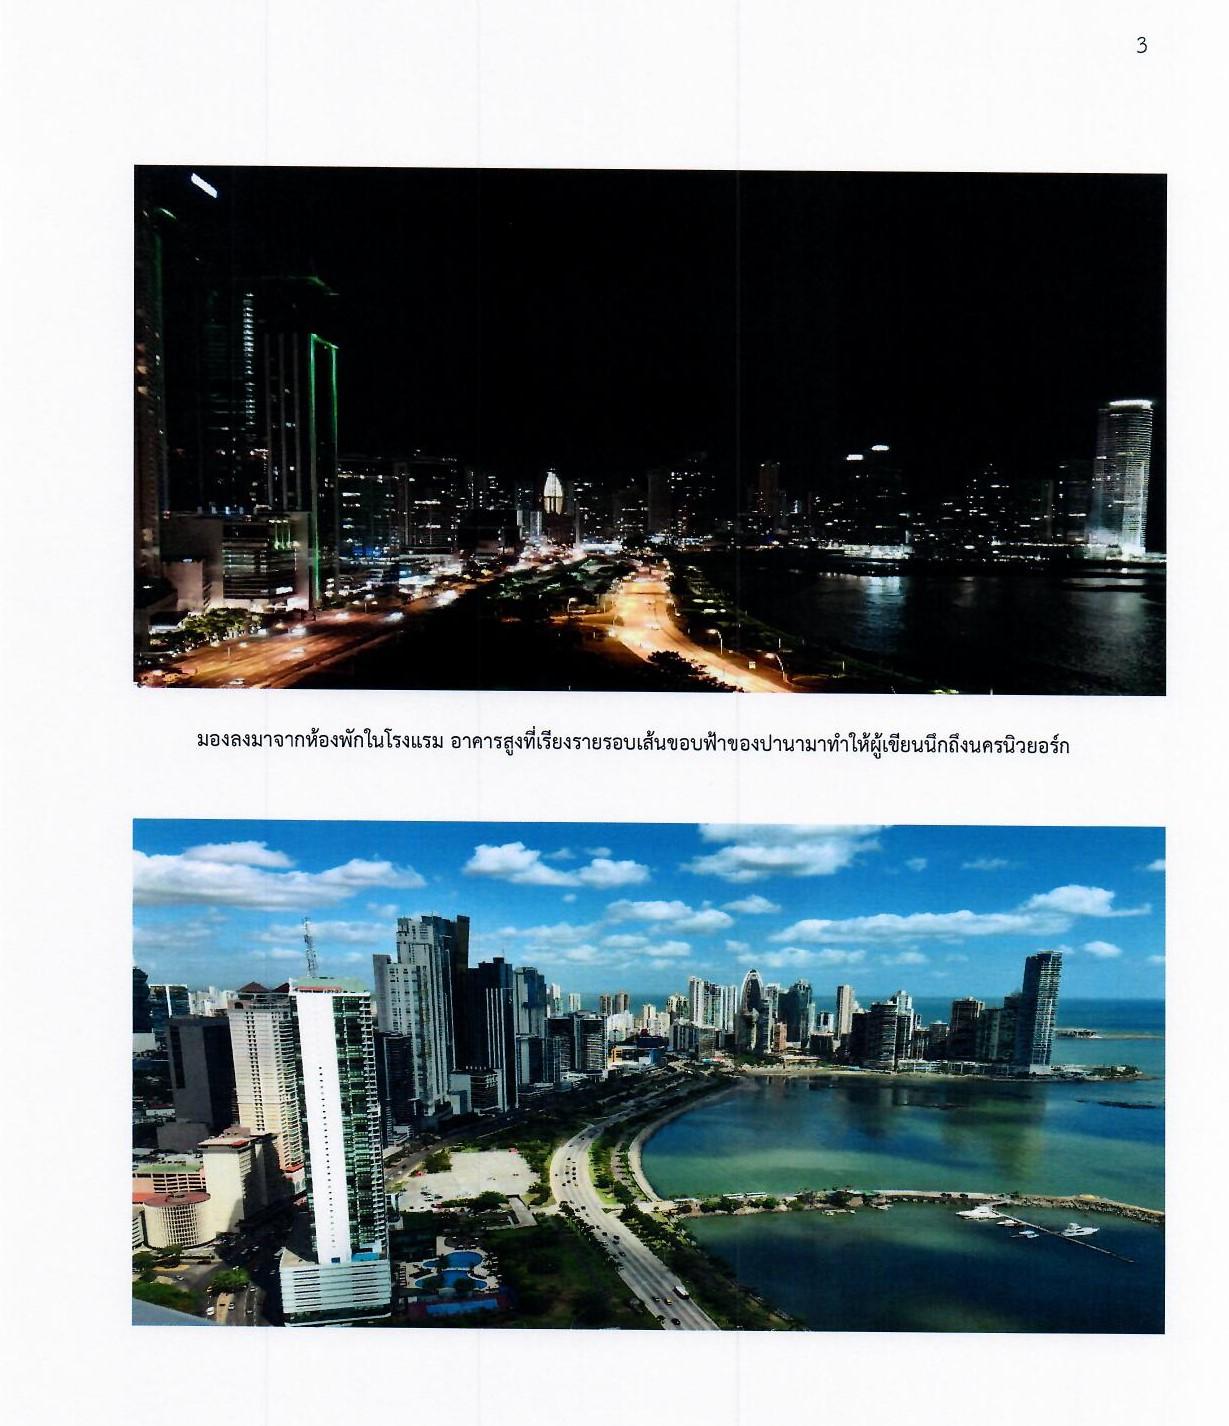 Panama_Article_Page_03